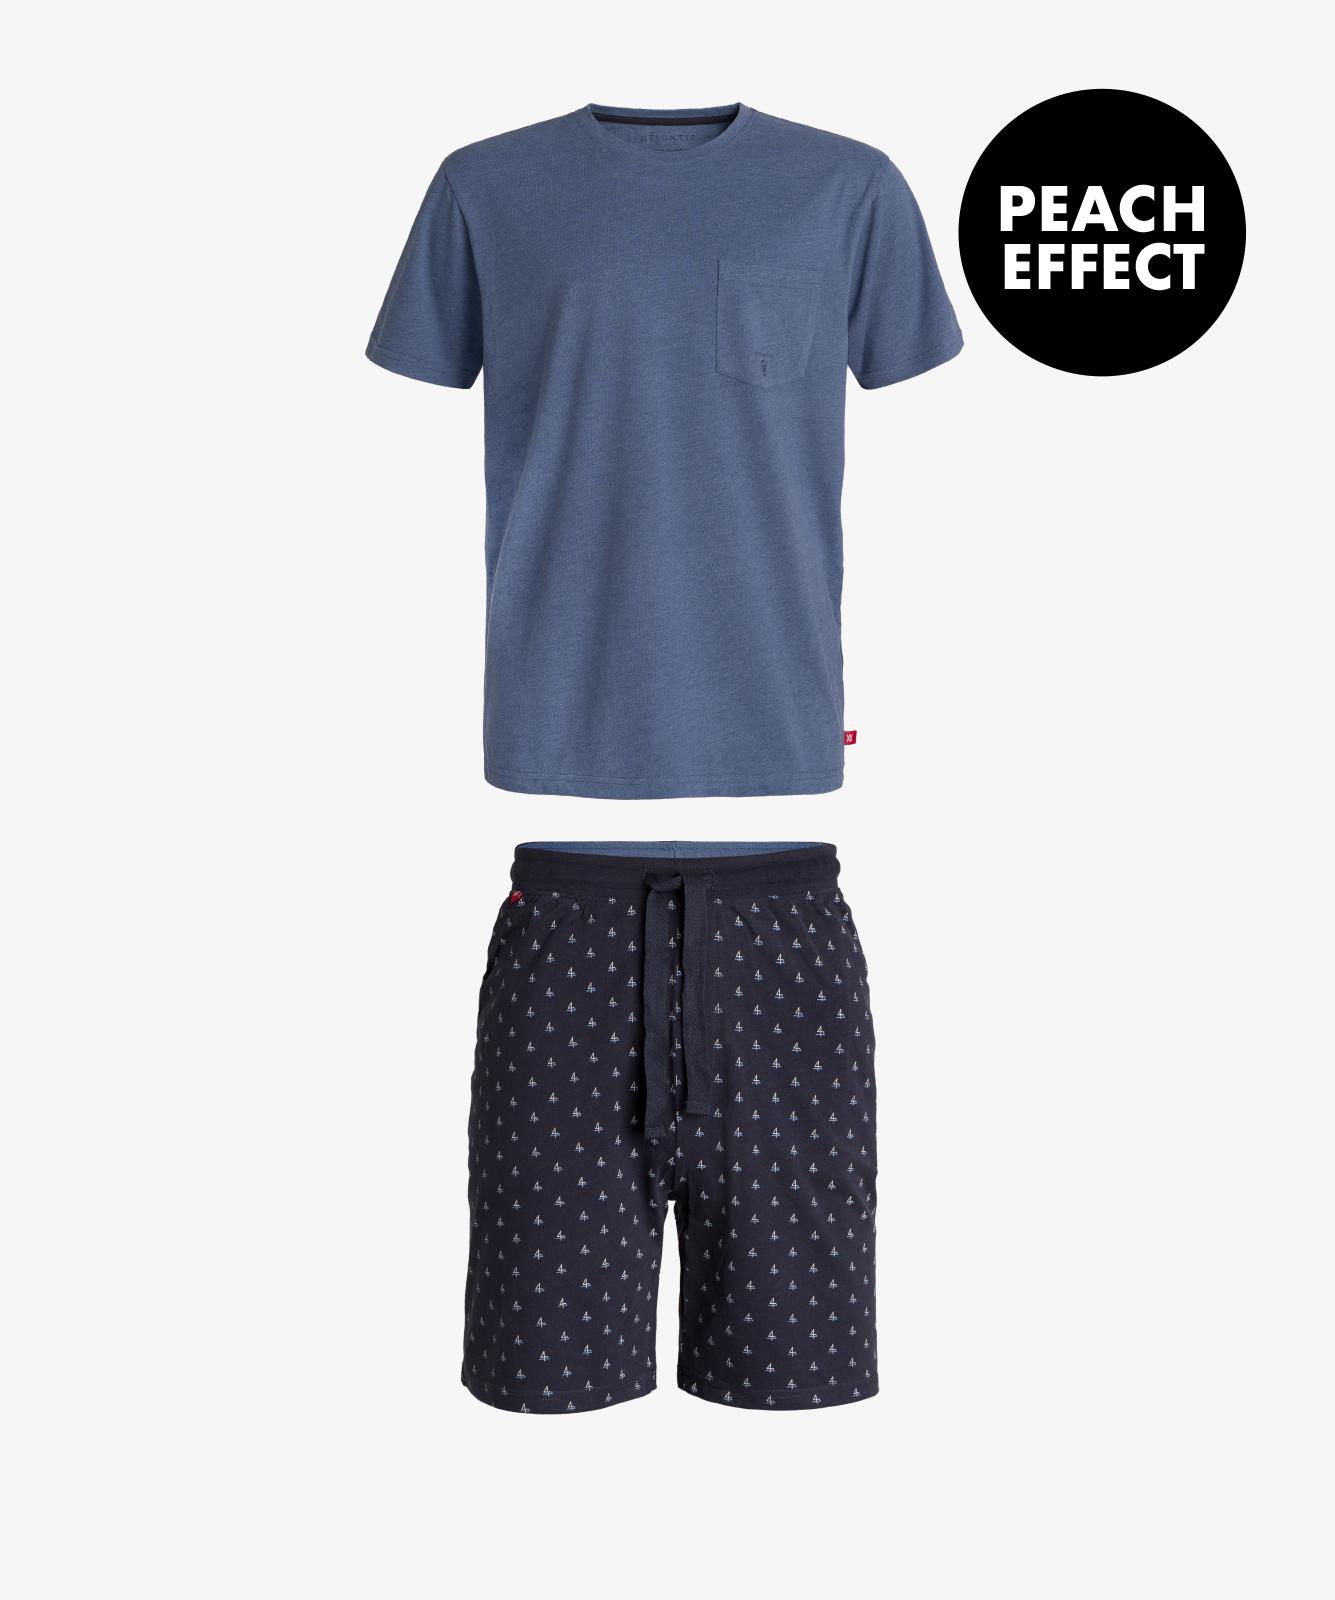 Мужская пижама Atlantic, 1 шт. в уп., хлопок, светло-голубой меланж, NMP-343